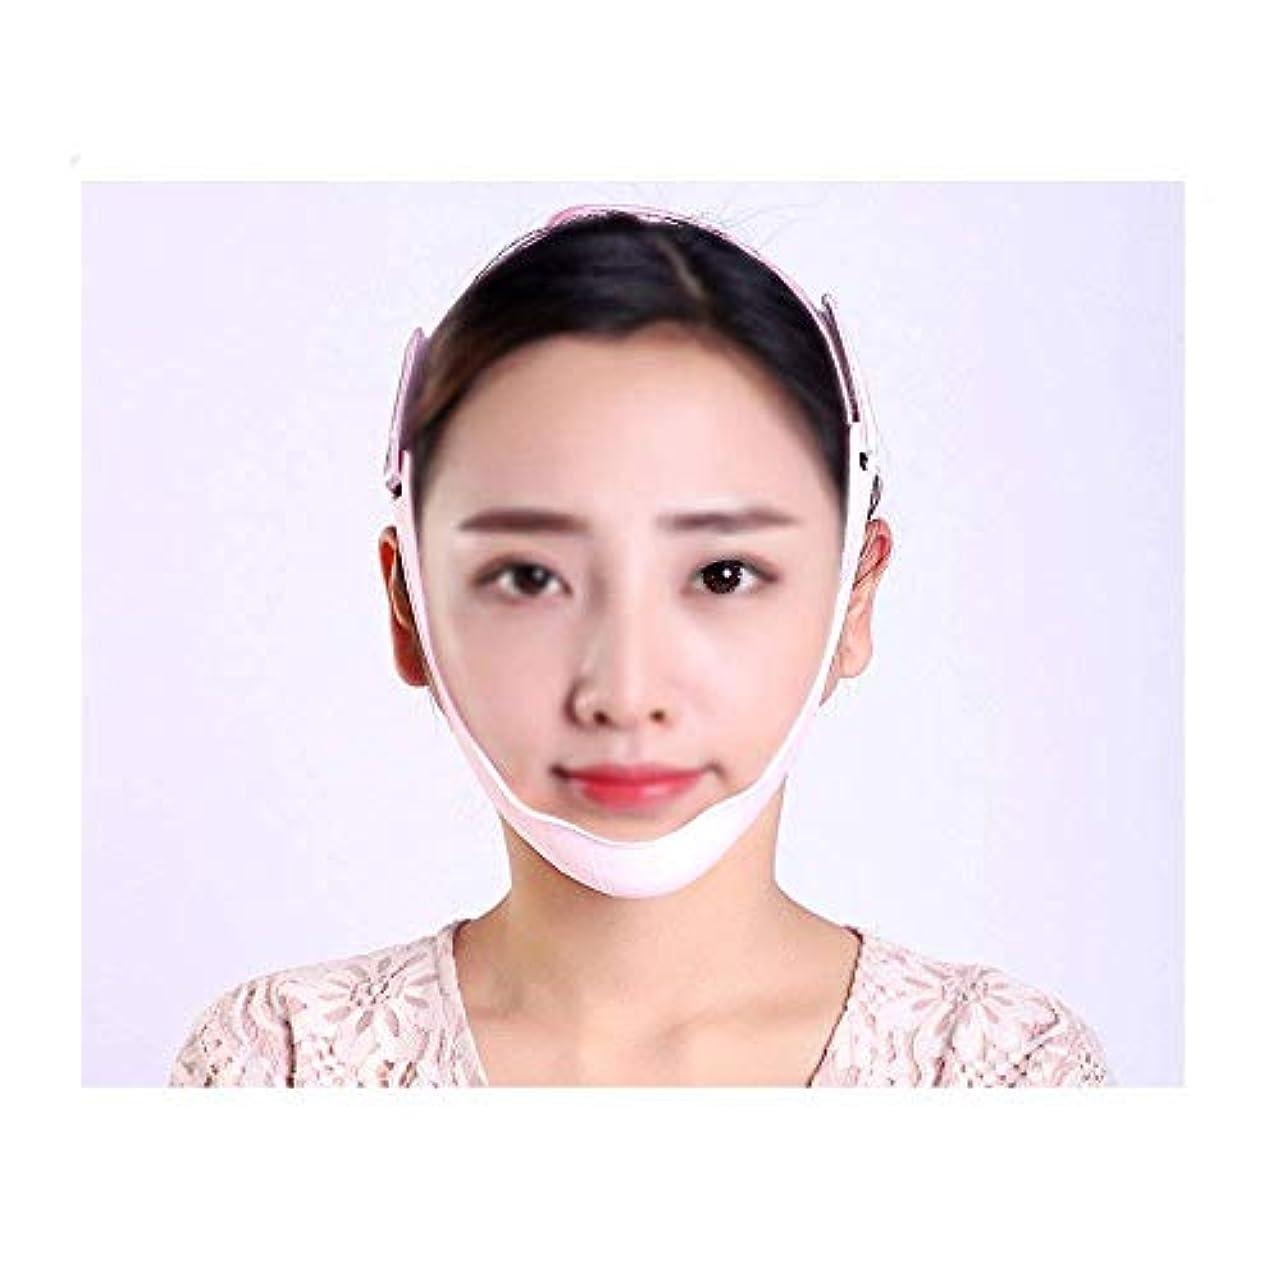 葉センチメートル排泄するフェイシャルリフティングマスク、リフティングフェイシャルファーミングアーティファクト/マッサージ器薄い顔の包帯/通気性ダブルチンスリミングマスク